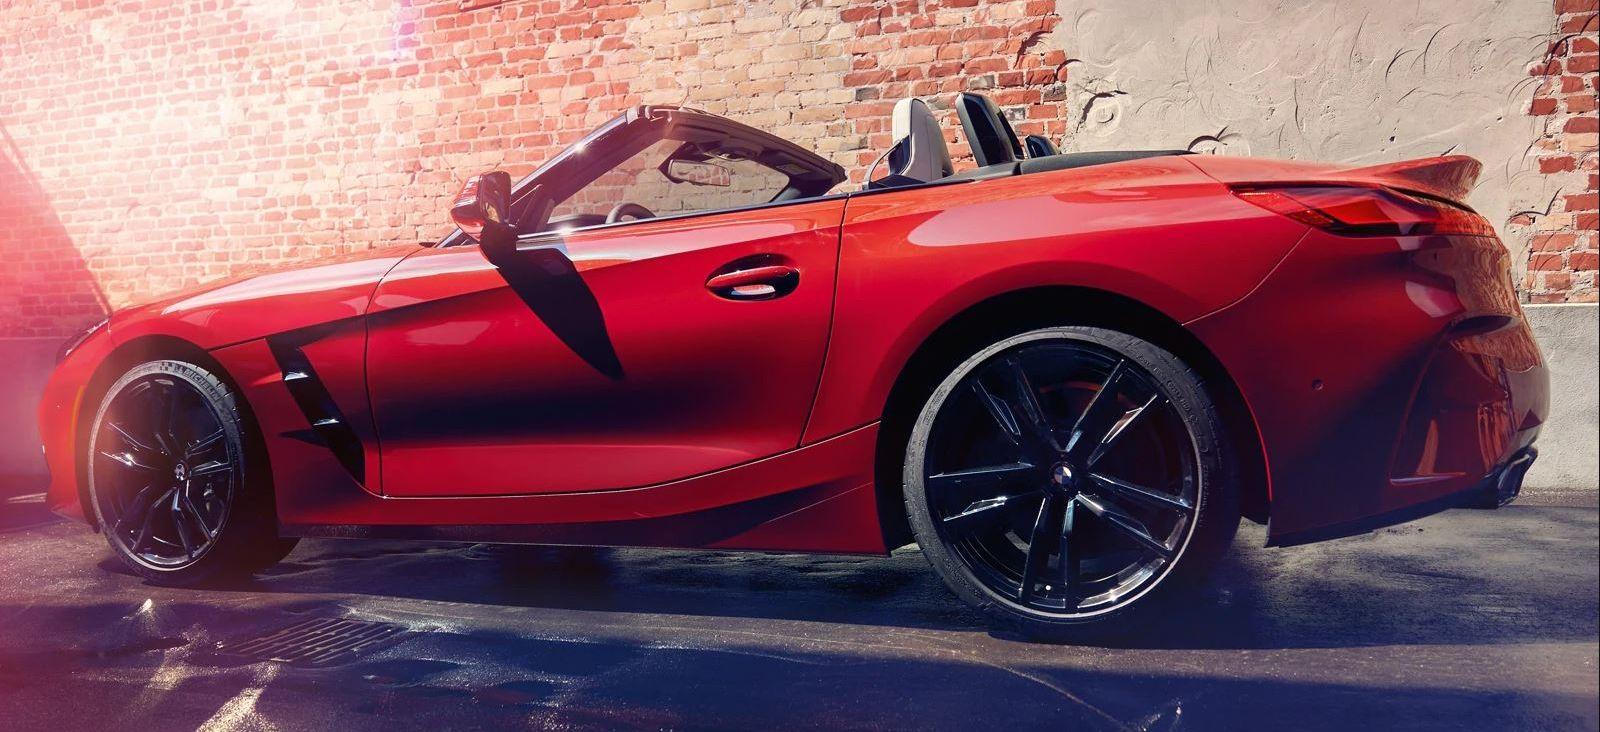 Bmw Jackson Ms >> New 2020 Bmw Z4 M40i Roadster